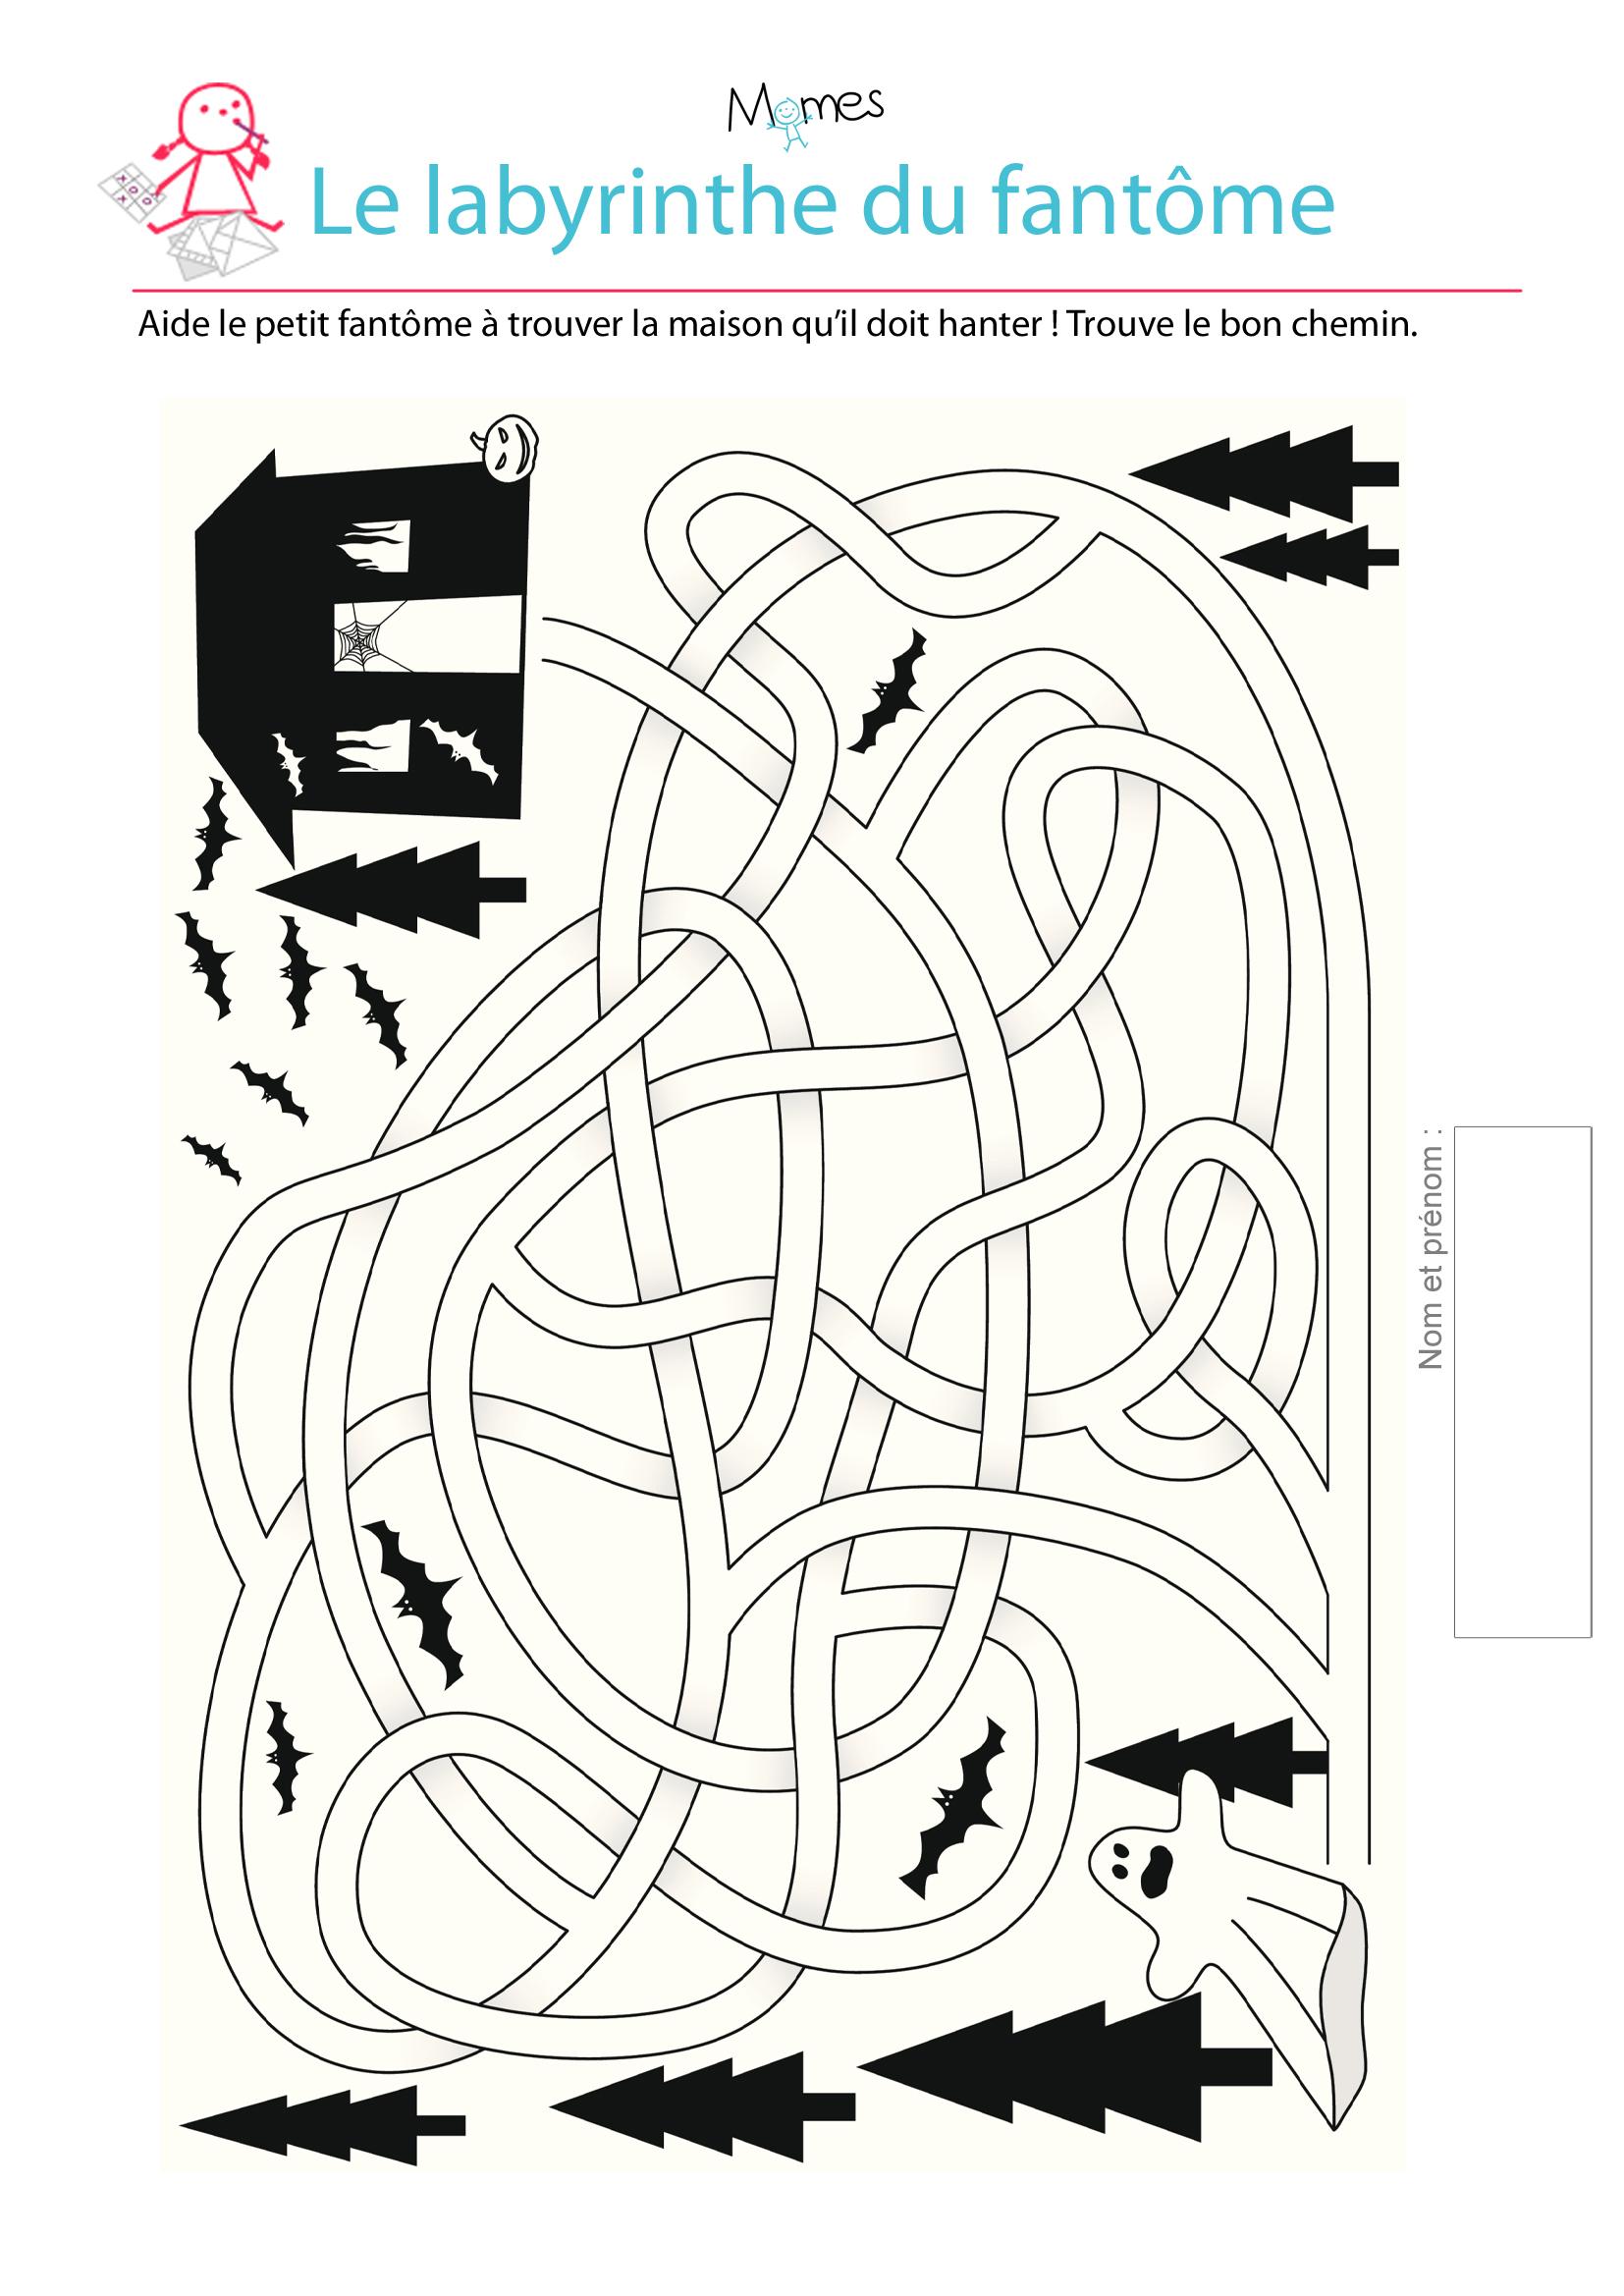 Labyrinthe du fantome - Jeu labyrinthe a imprimer ...